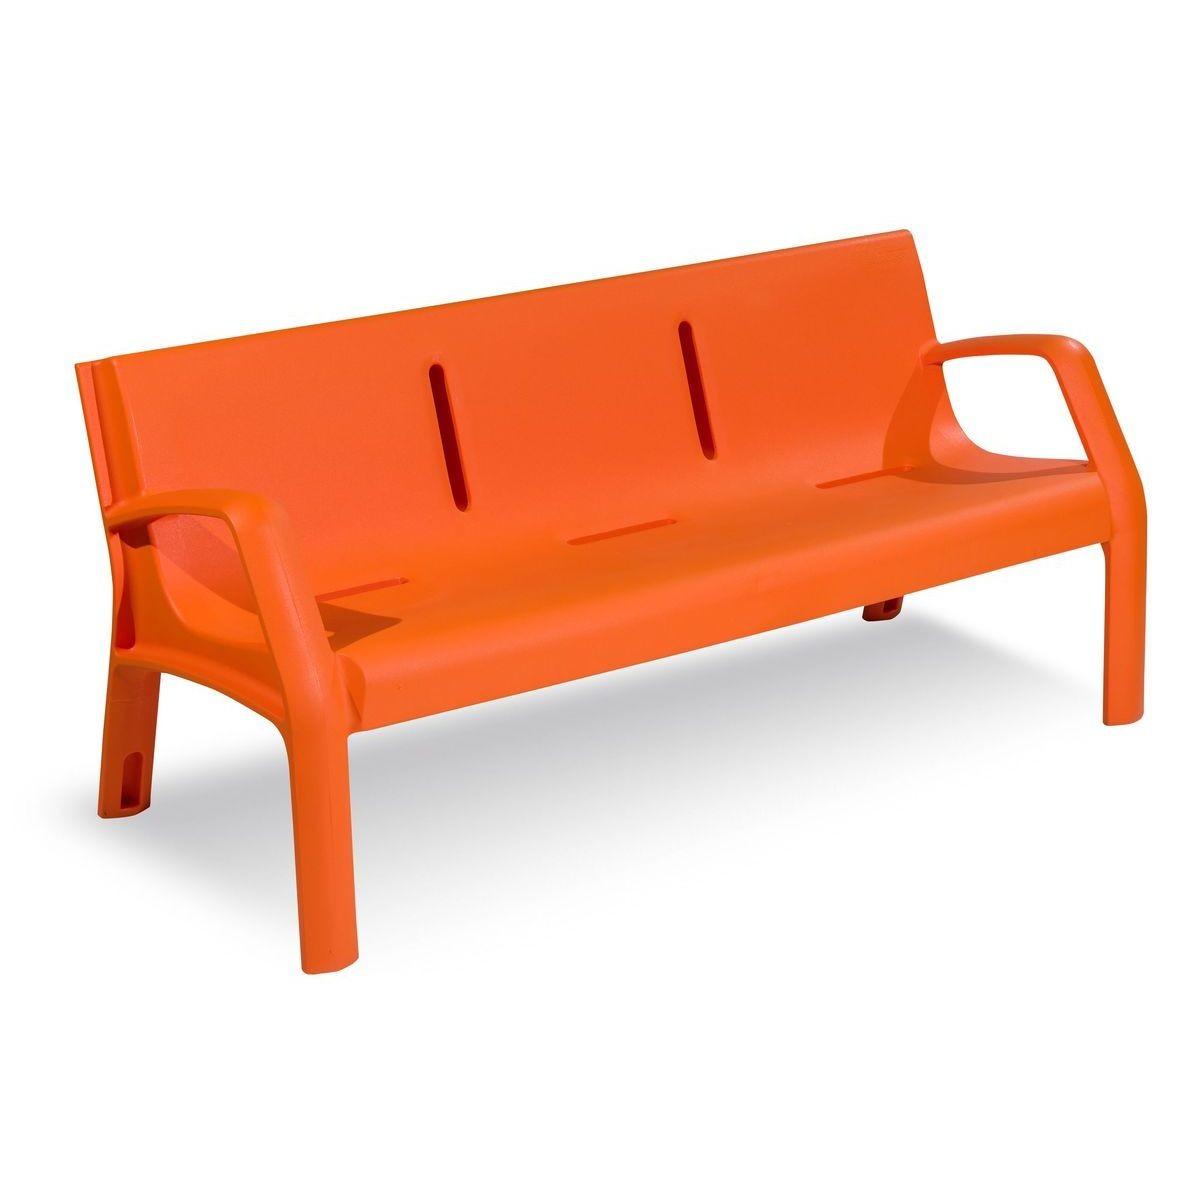 banc plastique modo mobilier urbain pour s 39 asseoir parcs et jardins. Black Bedroom Furniture Sets. Home Design Ideas